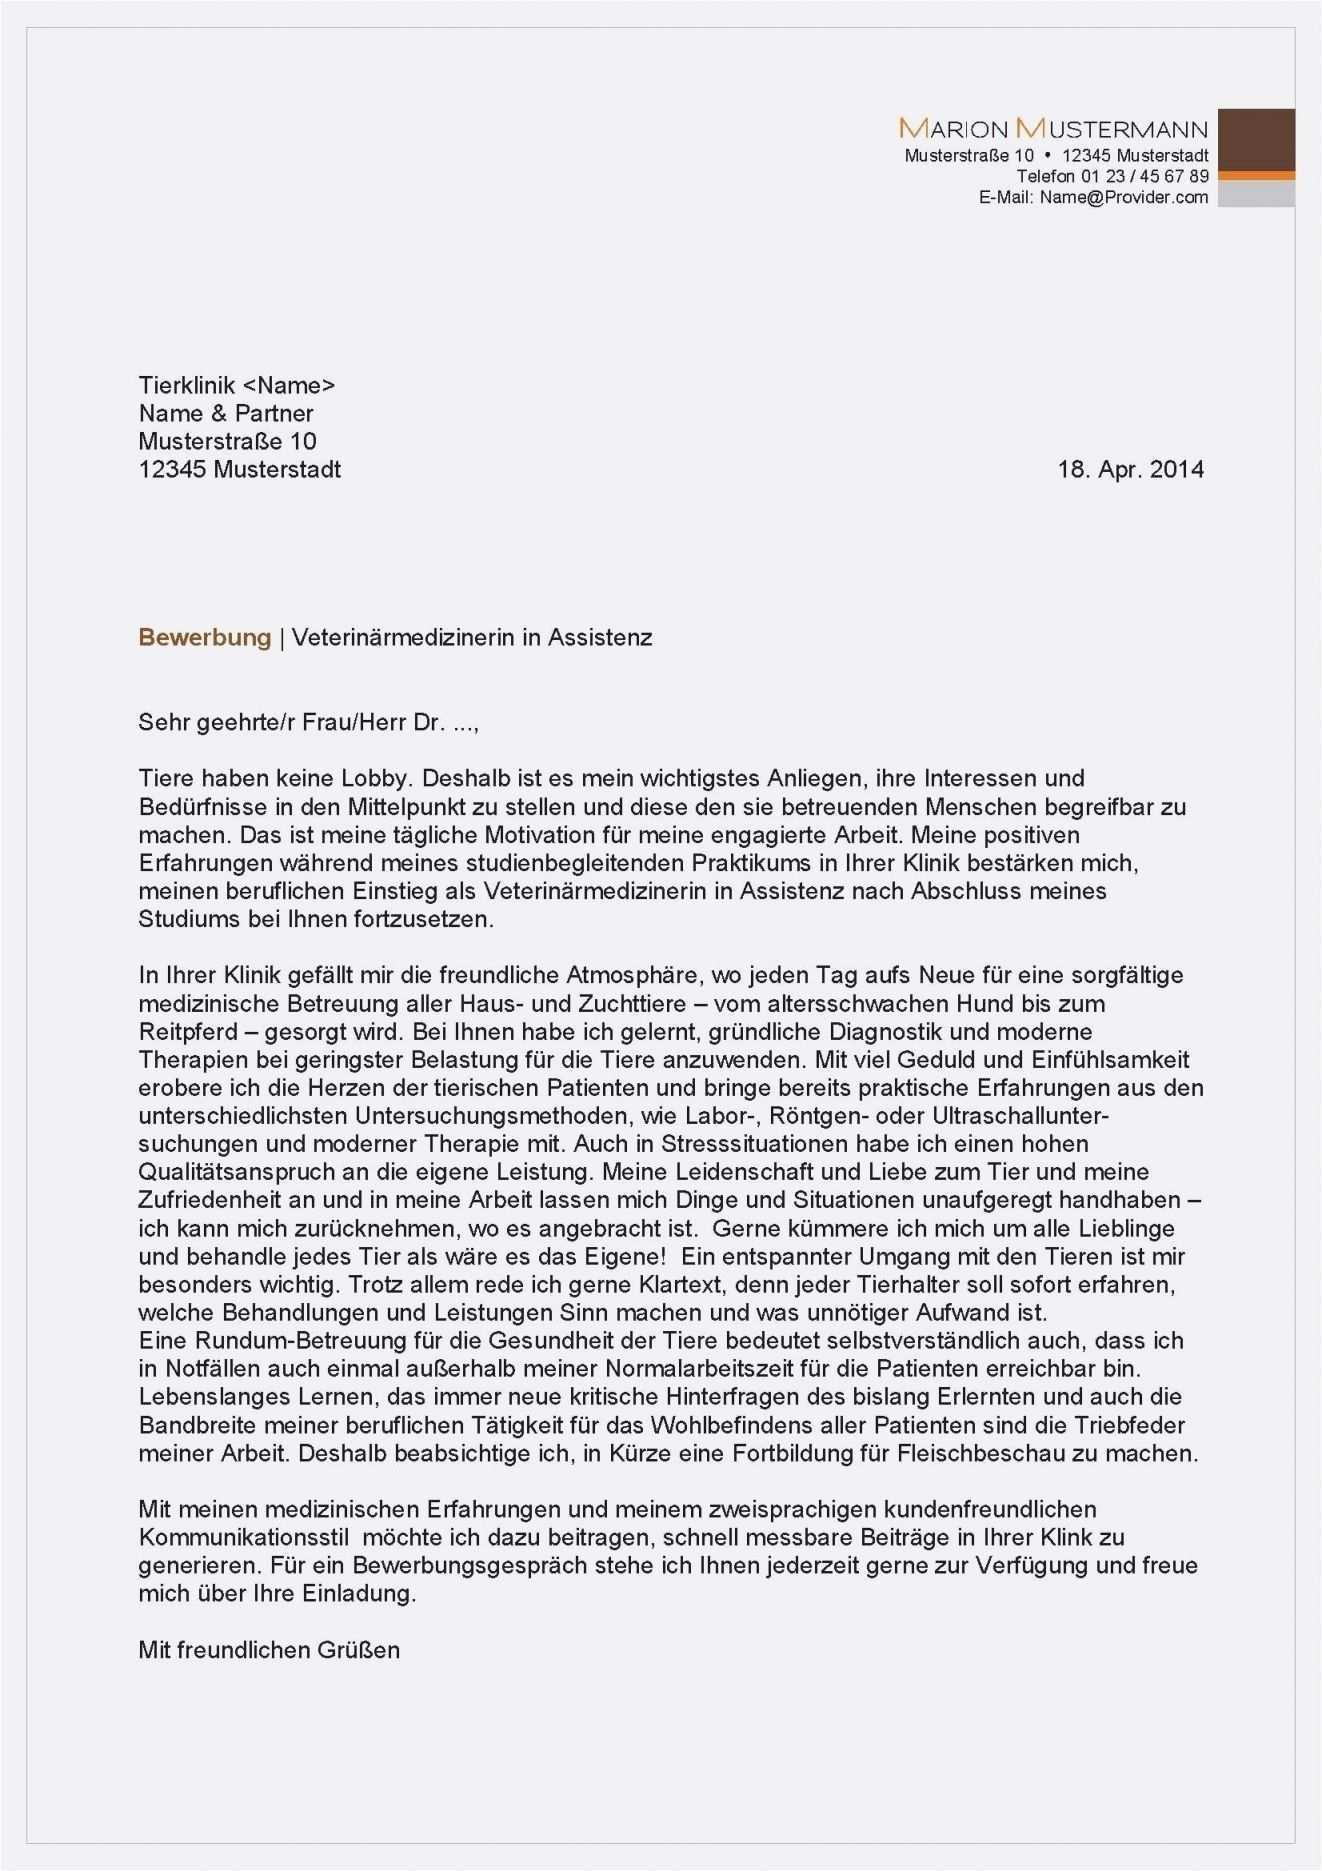 Neu Anschreiben Als Reinigungskraft Briefprobe Briefformat Briefvorlage Bewerbung Schreiben Bewerbung Ausbildungsplatz Lebenslauf